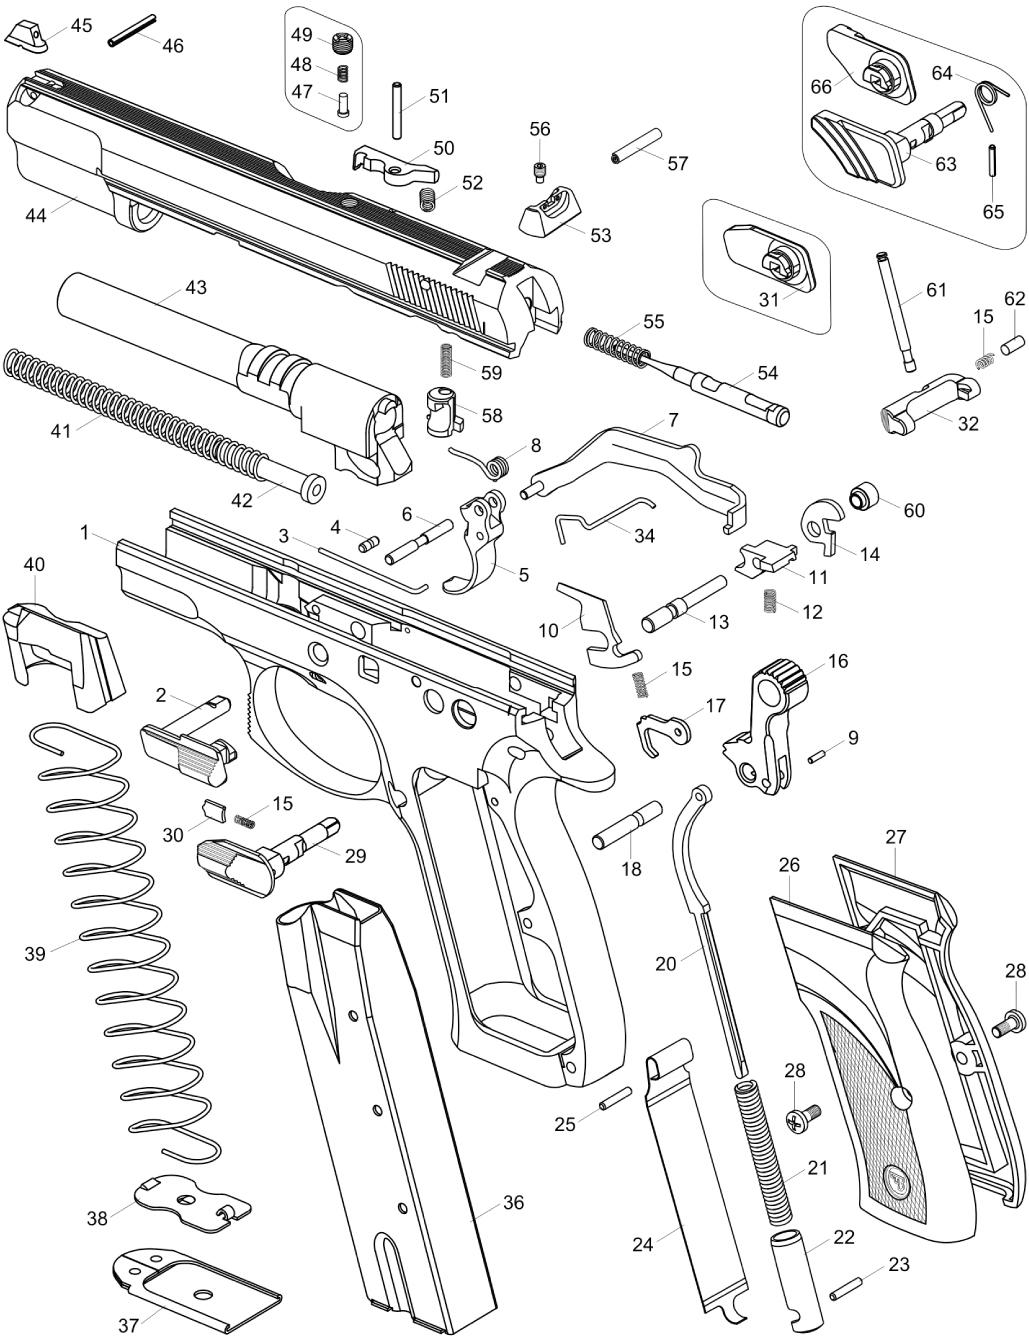 Spare Parts P 01 Omega Jizni Cz Accessories